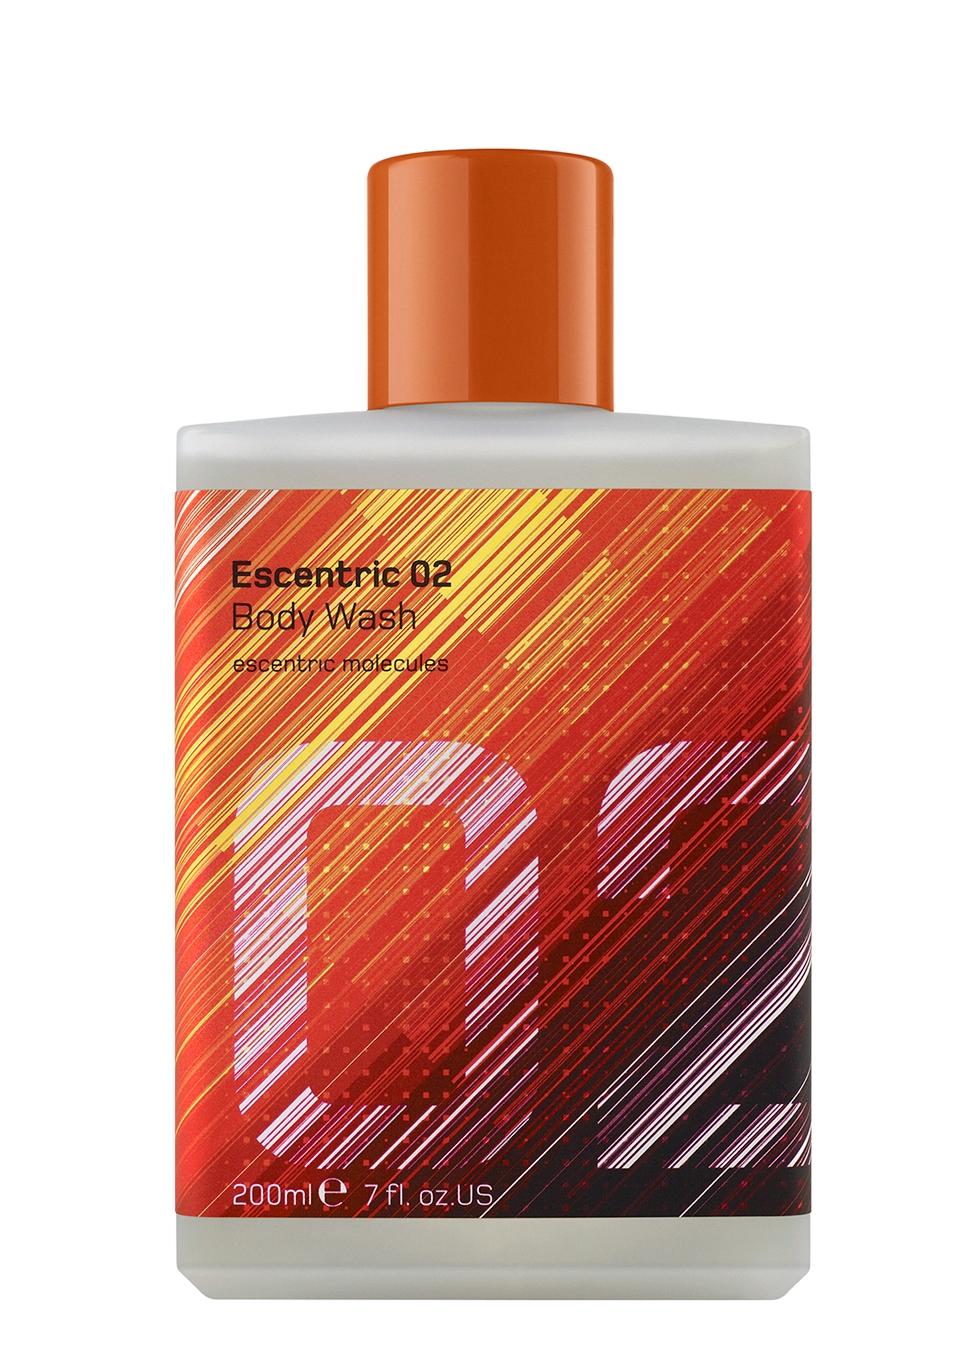 Escentric Body Wash E02 200ml